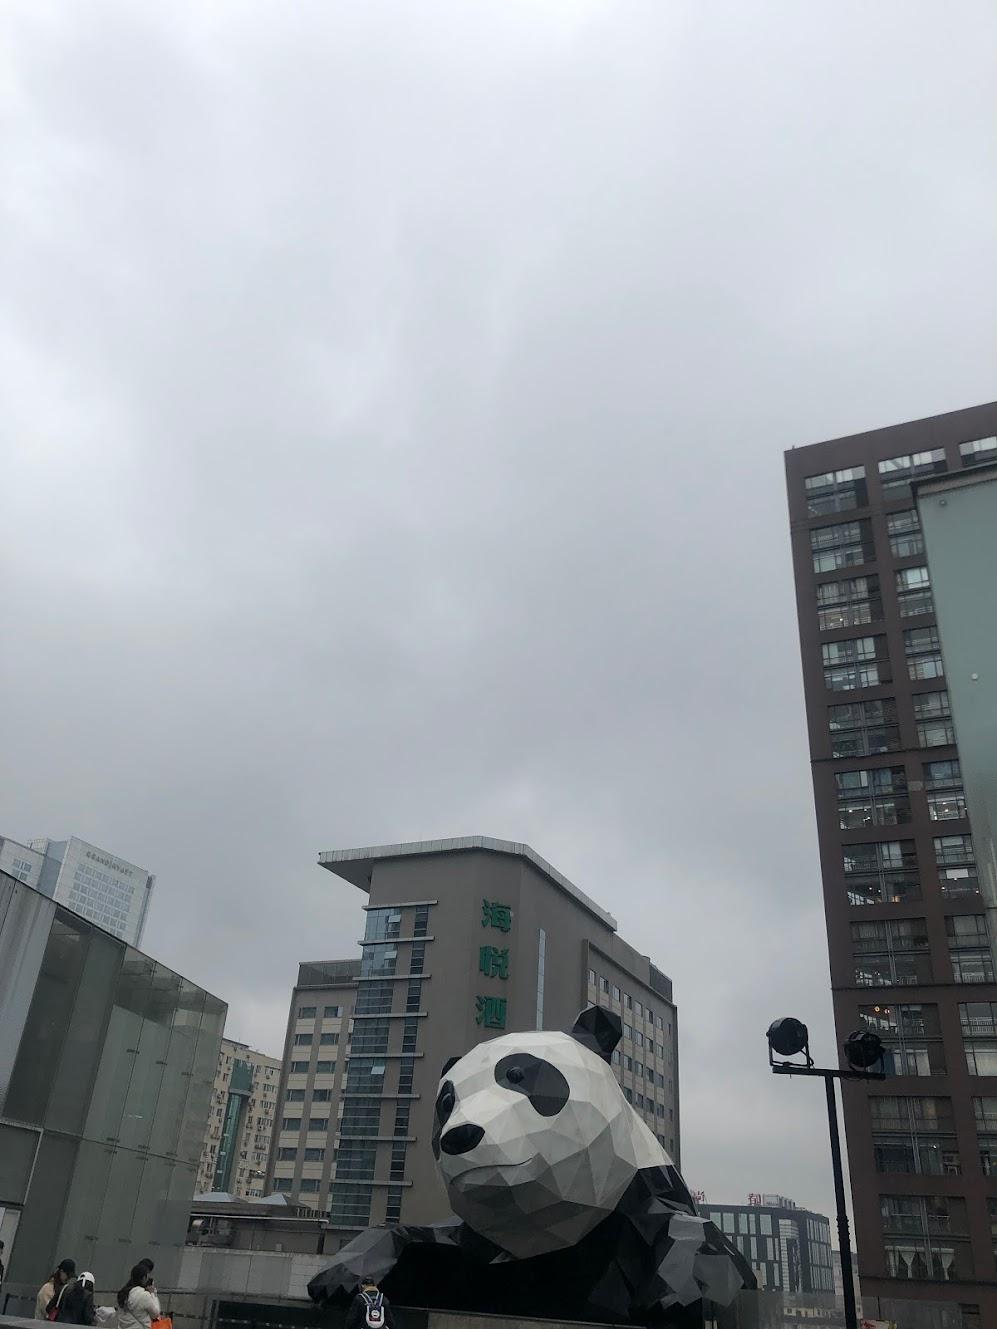 중국 청두의 국제금유센터의 팬더곰